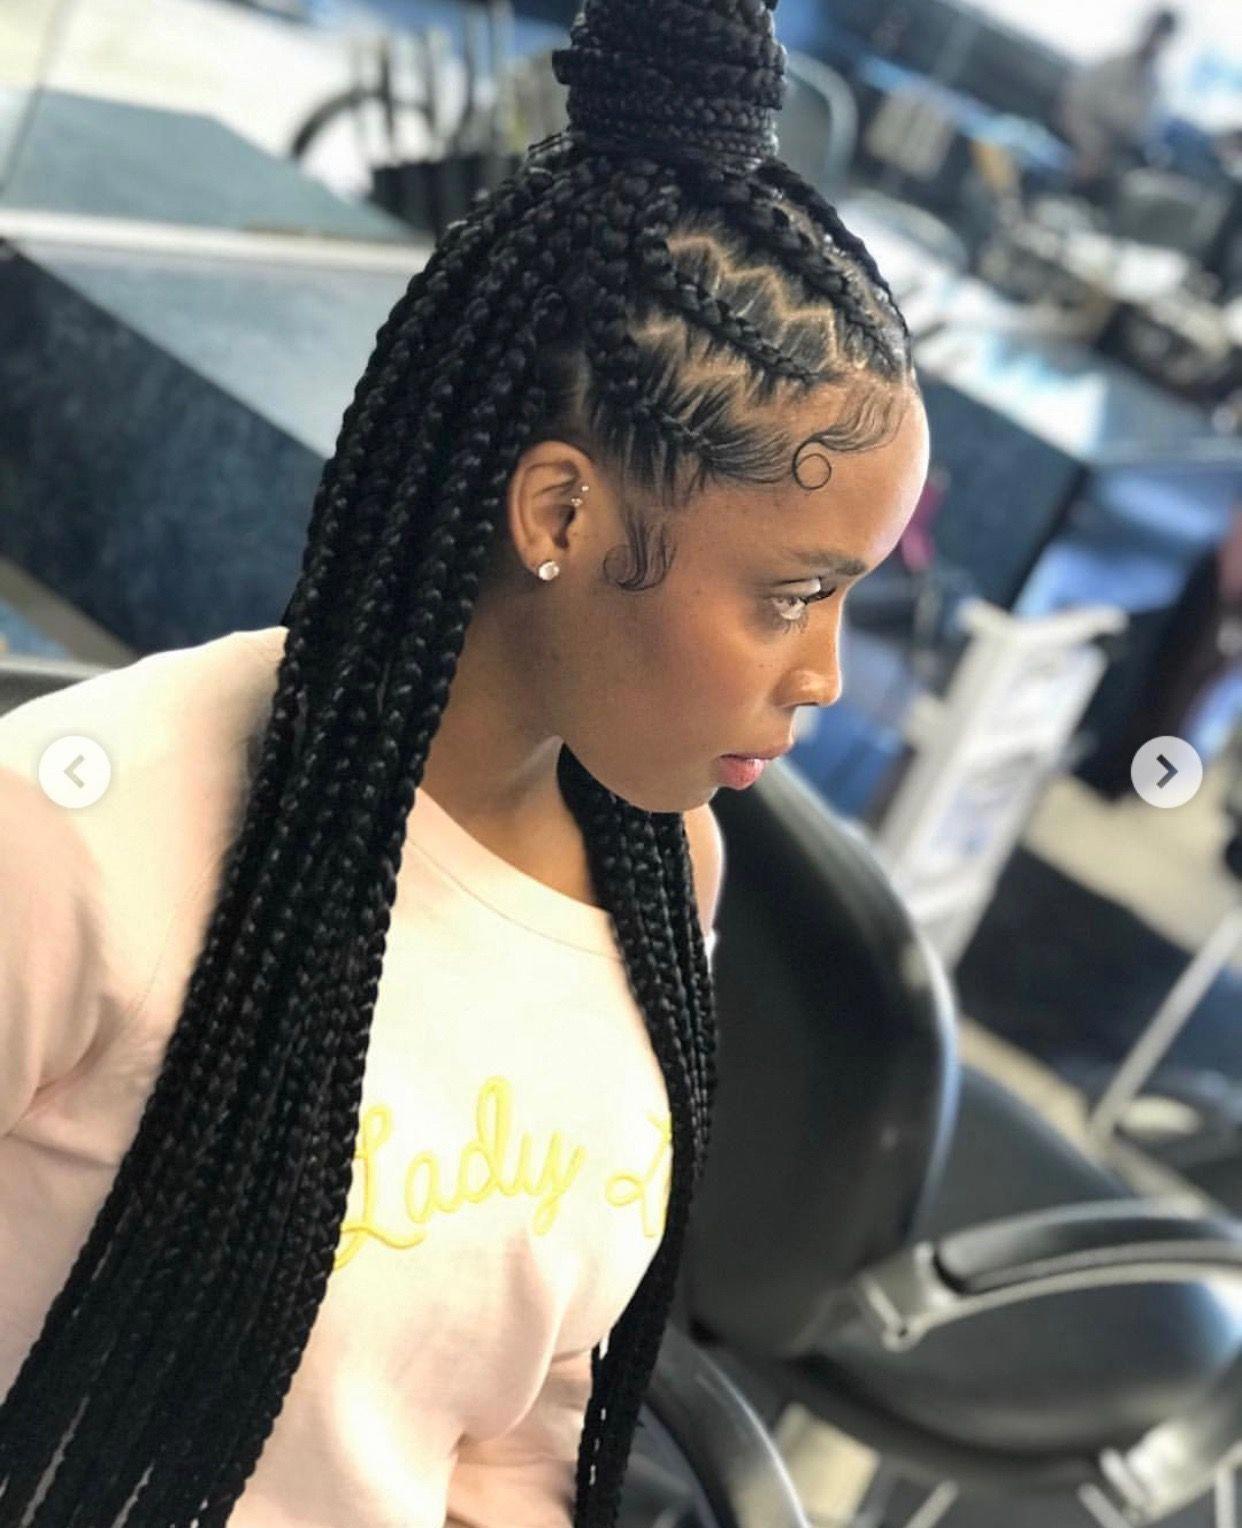 Trendy Black Hairstyles Braids Blackhairstylesbraids Feed In Braids Hairstyles African Braids Hairstyles Braided Hairstyles